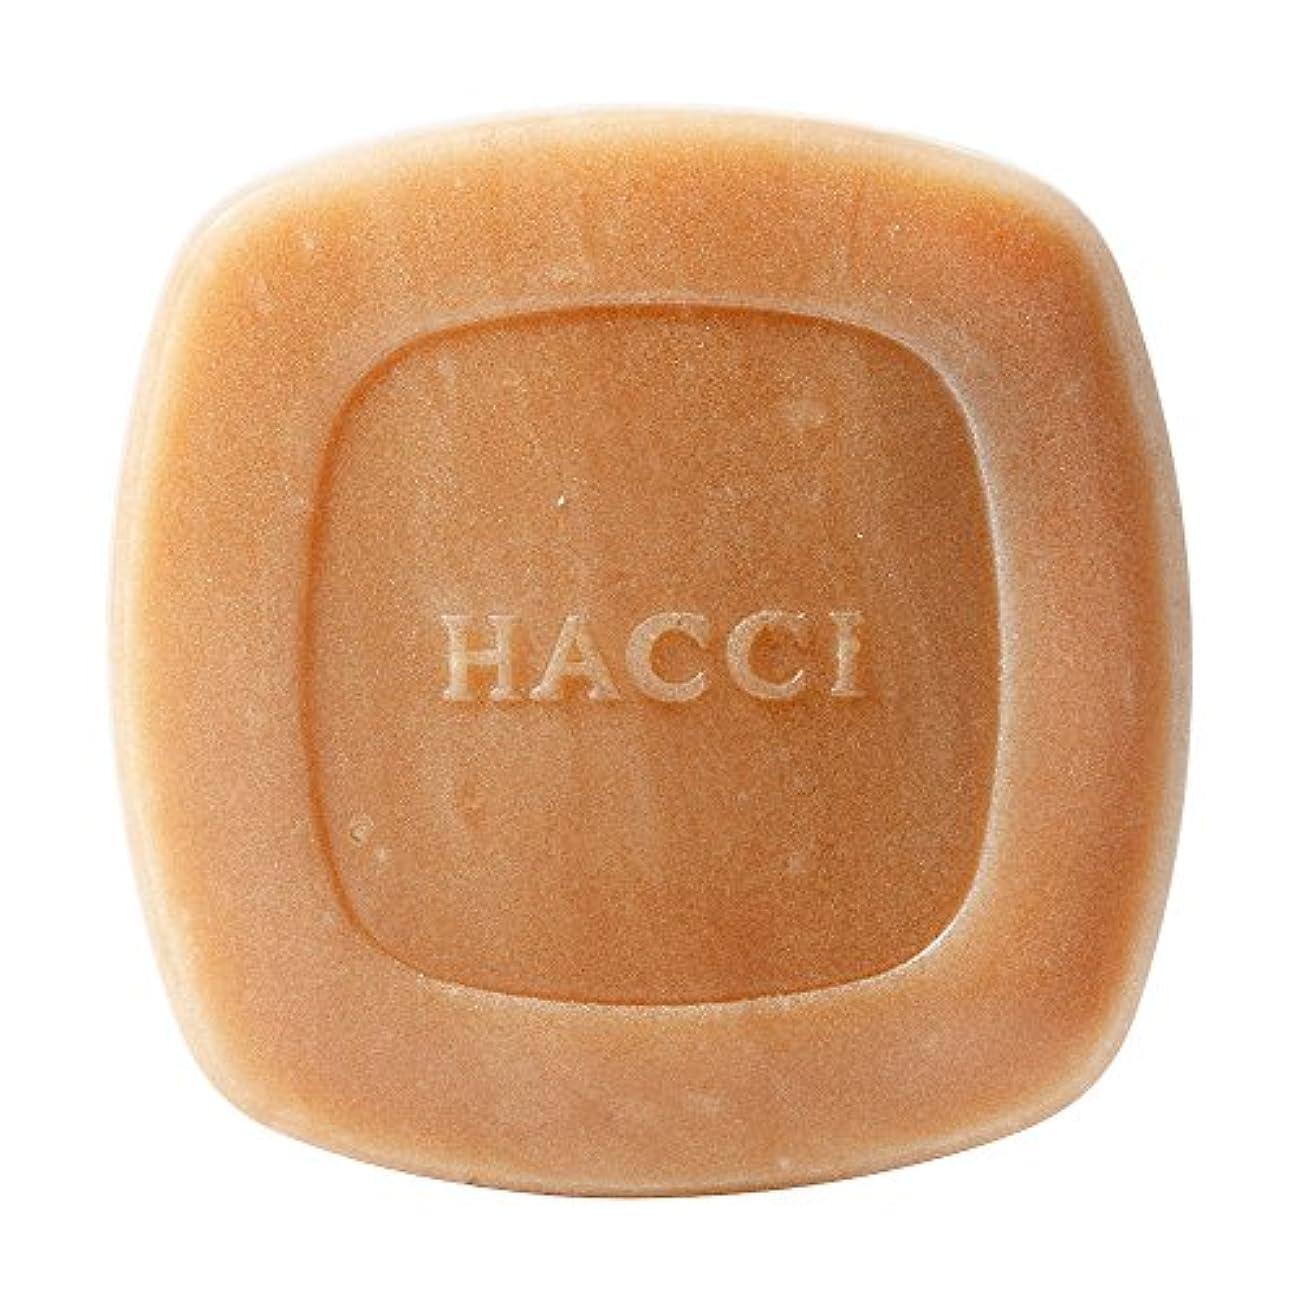 ペチコート配偶者傷跡HACCI 1912(ハッチ1912) はちみつ洗顔石けん 80g